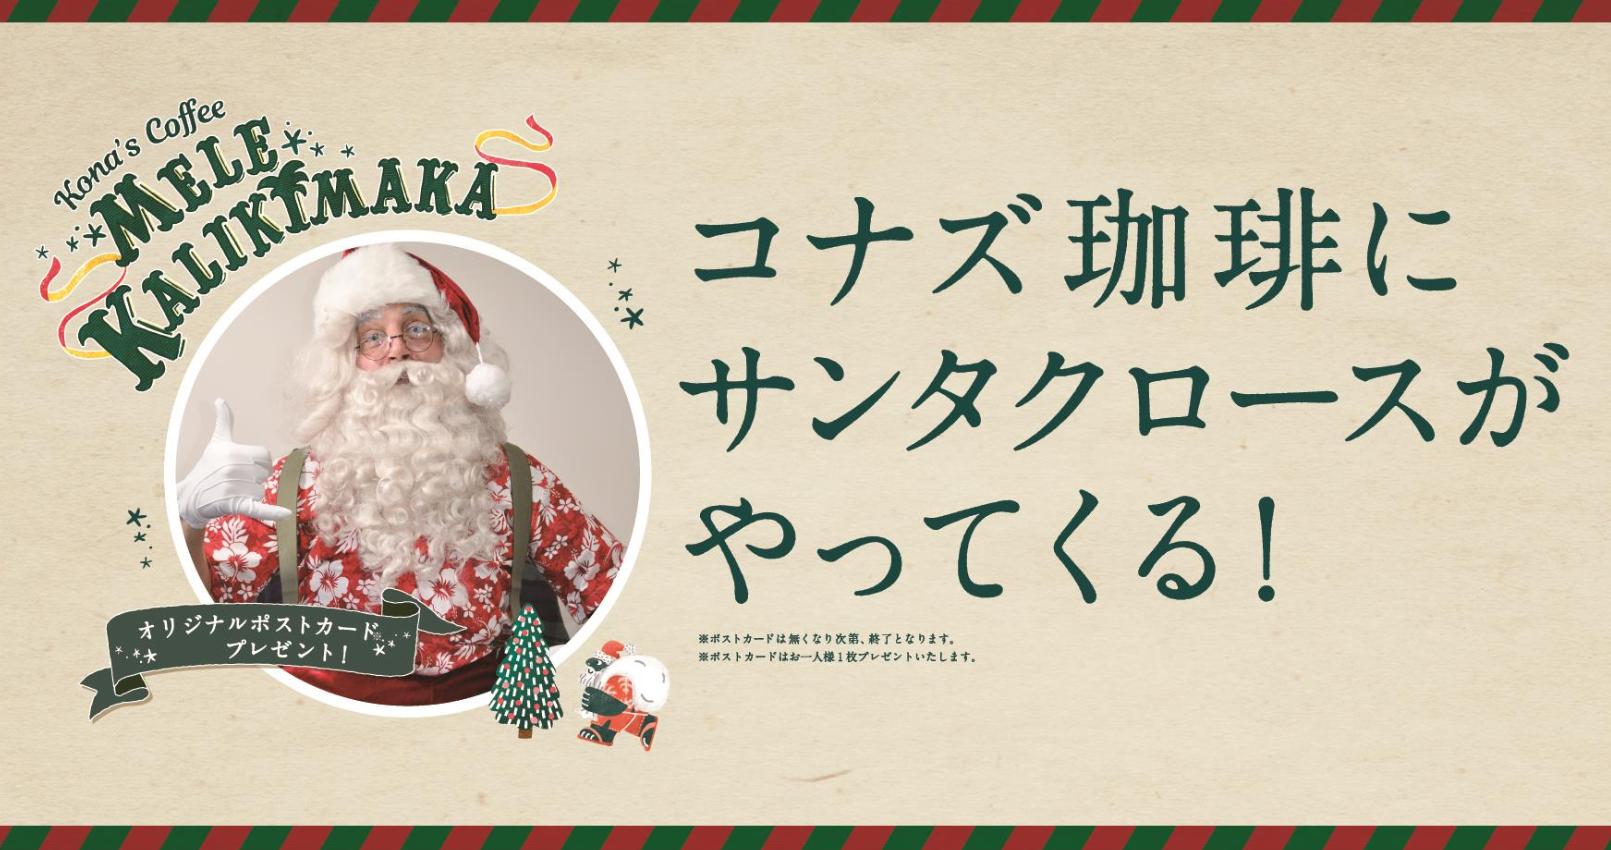 【茅ヶ崎】コナズ珈琲に12月7日にサンタクロースが来るみたい。4mのクリスマスツリーも。詳細情報。